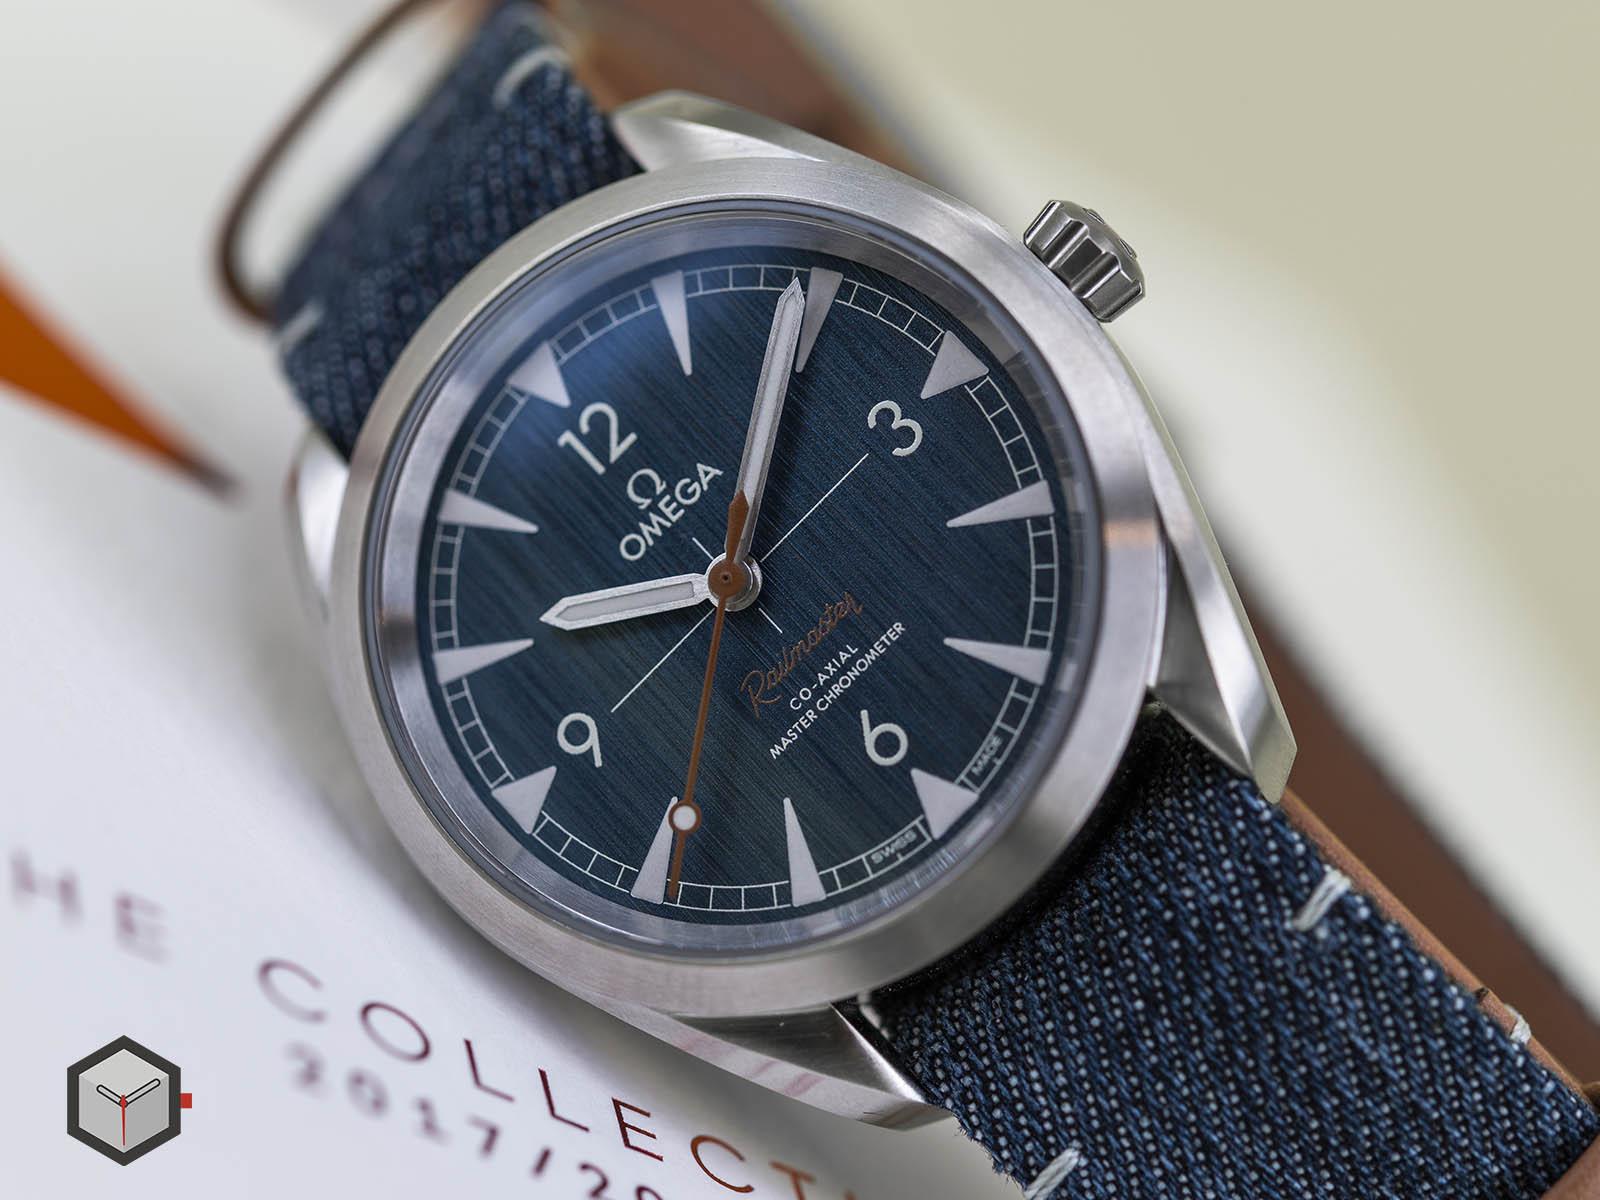 220-12-40-20-03-001-omega-railmaster-co-axial-master-chronometer-denim-3.jpg